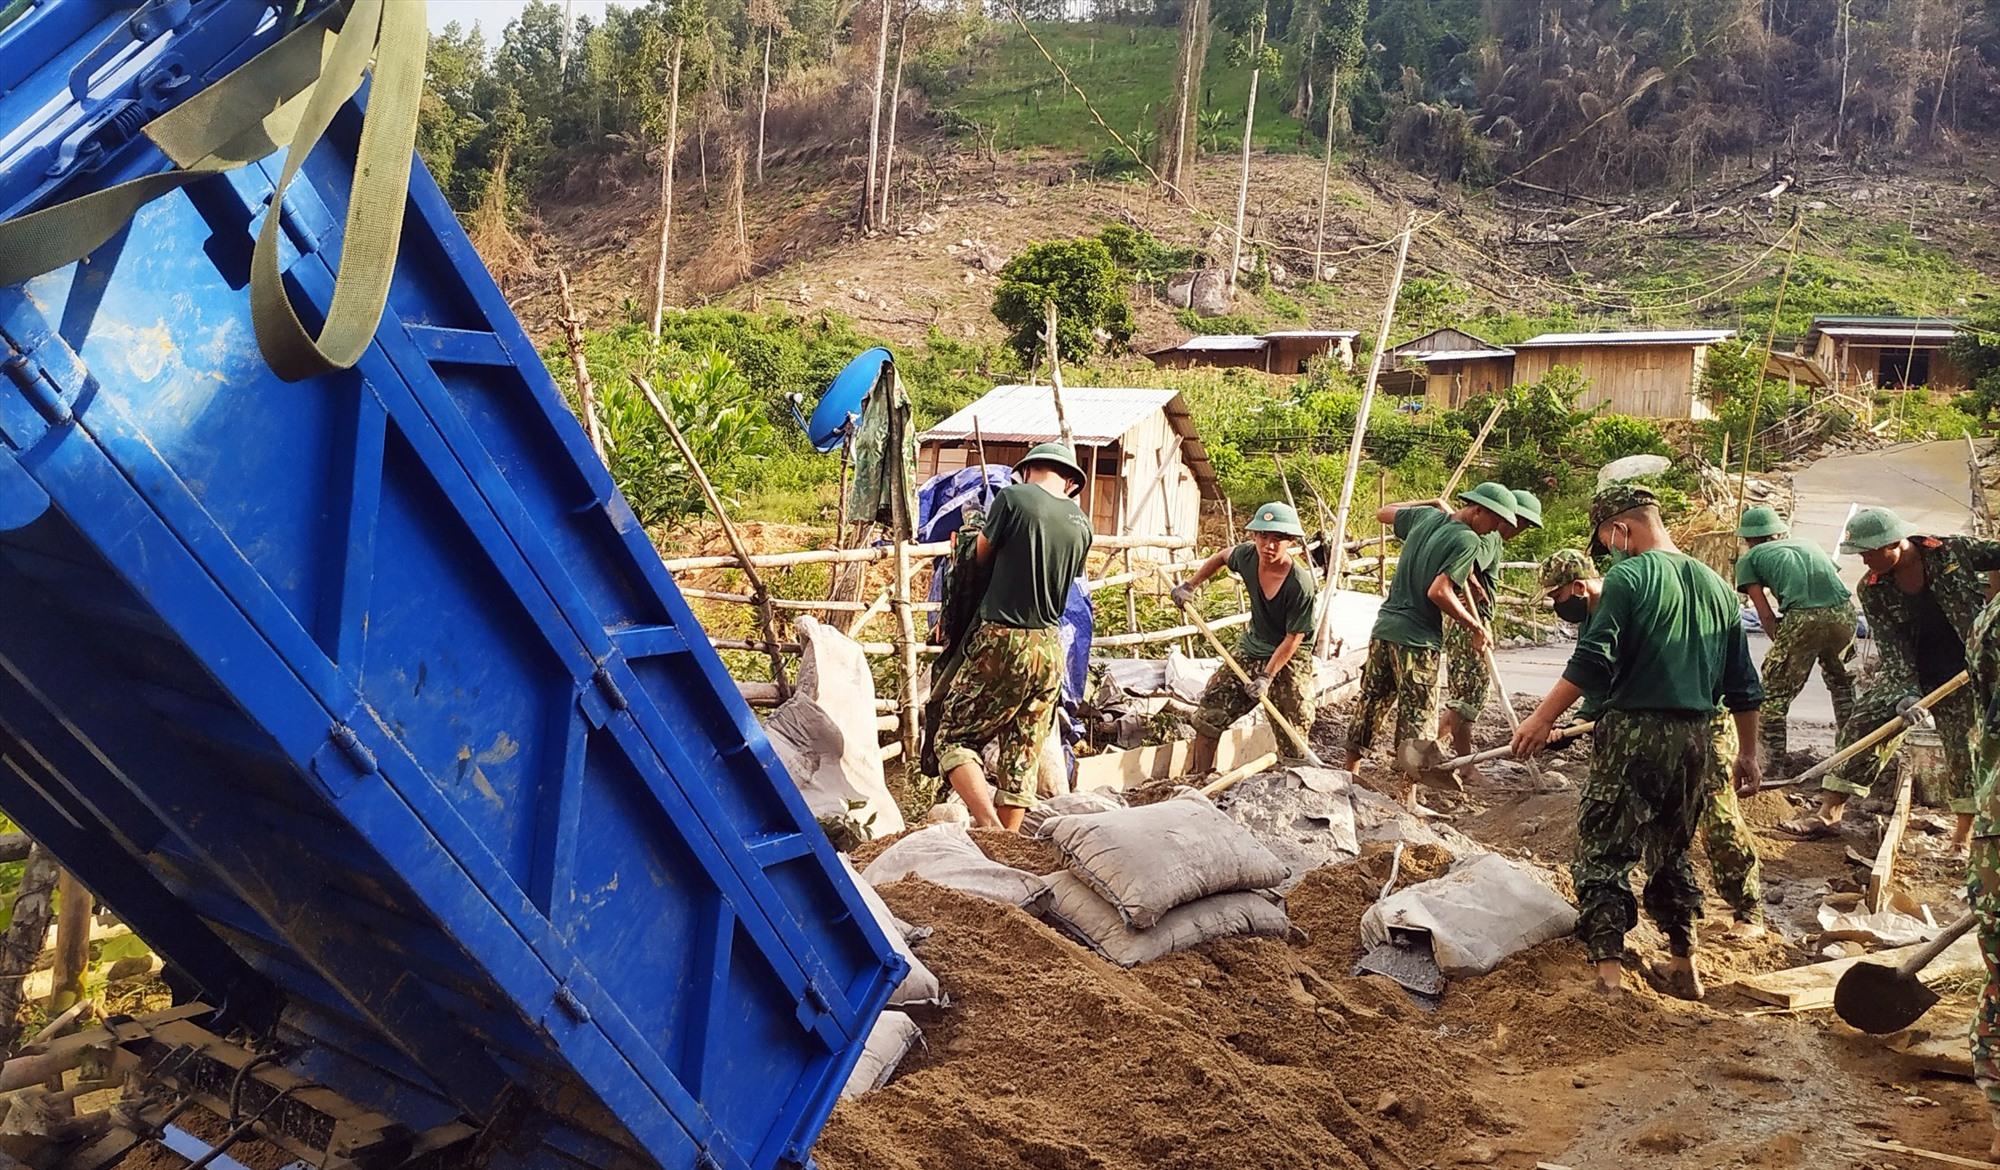 Từ phong trào dân vận khéo của chính quyền, người dân tình nguyện hiến hàng ngàn mét đất, ngày công, cùng với bộ đội mở đường vào làng.